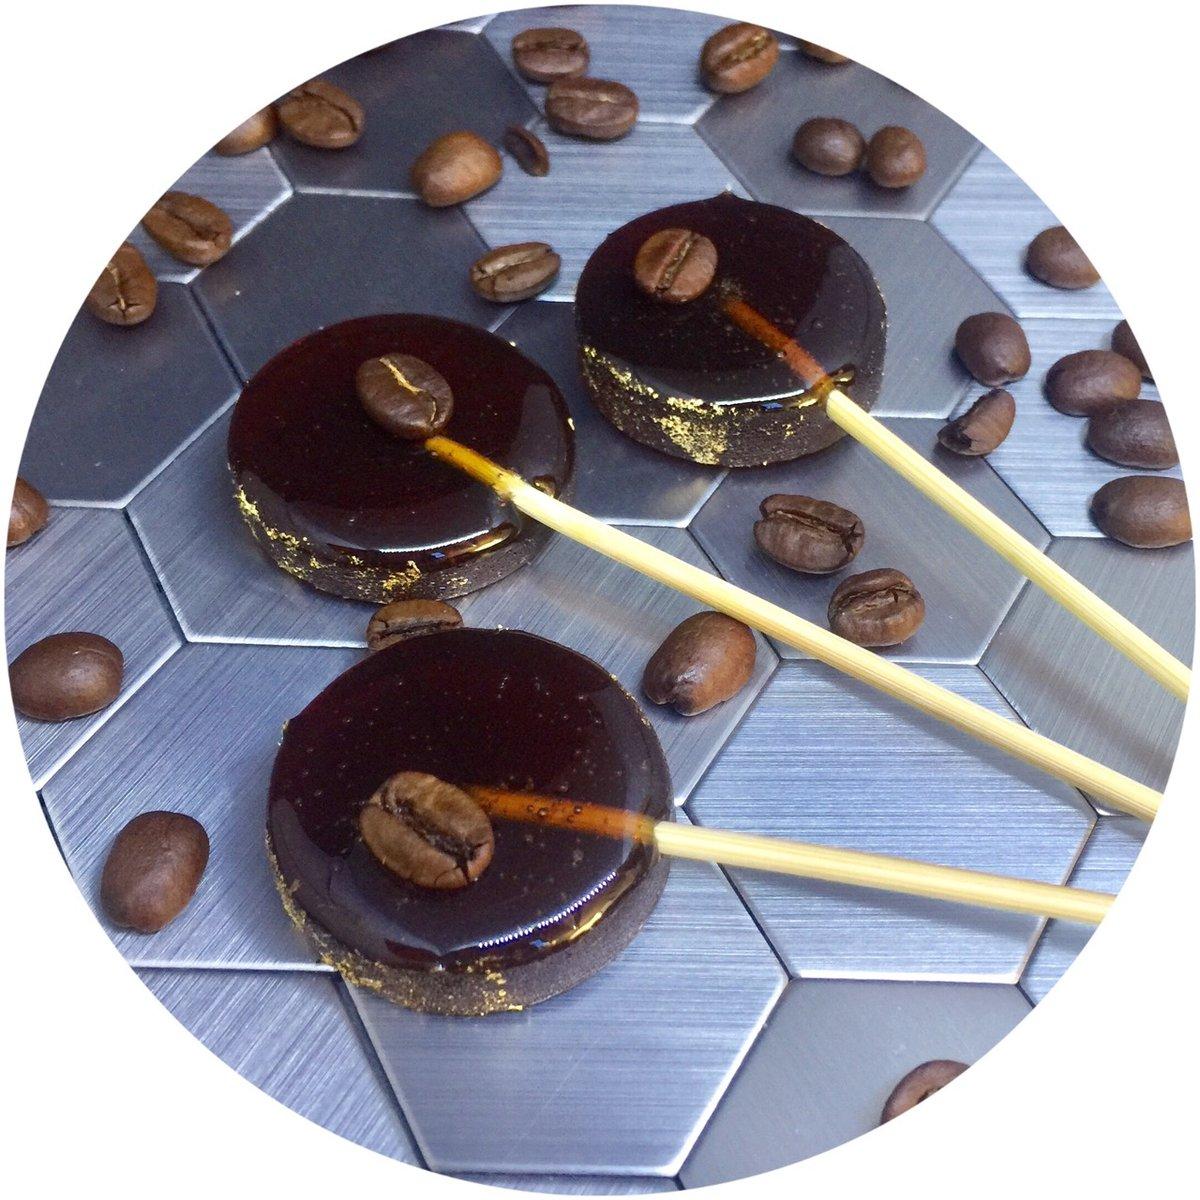 Image of Espresso Martini Cocktail Lollipops